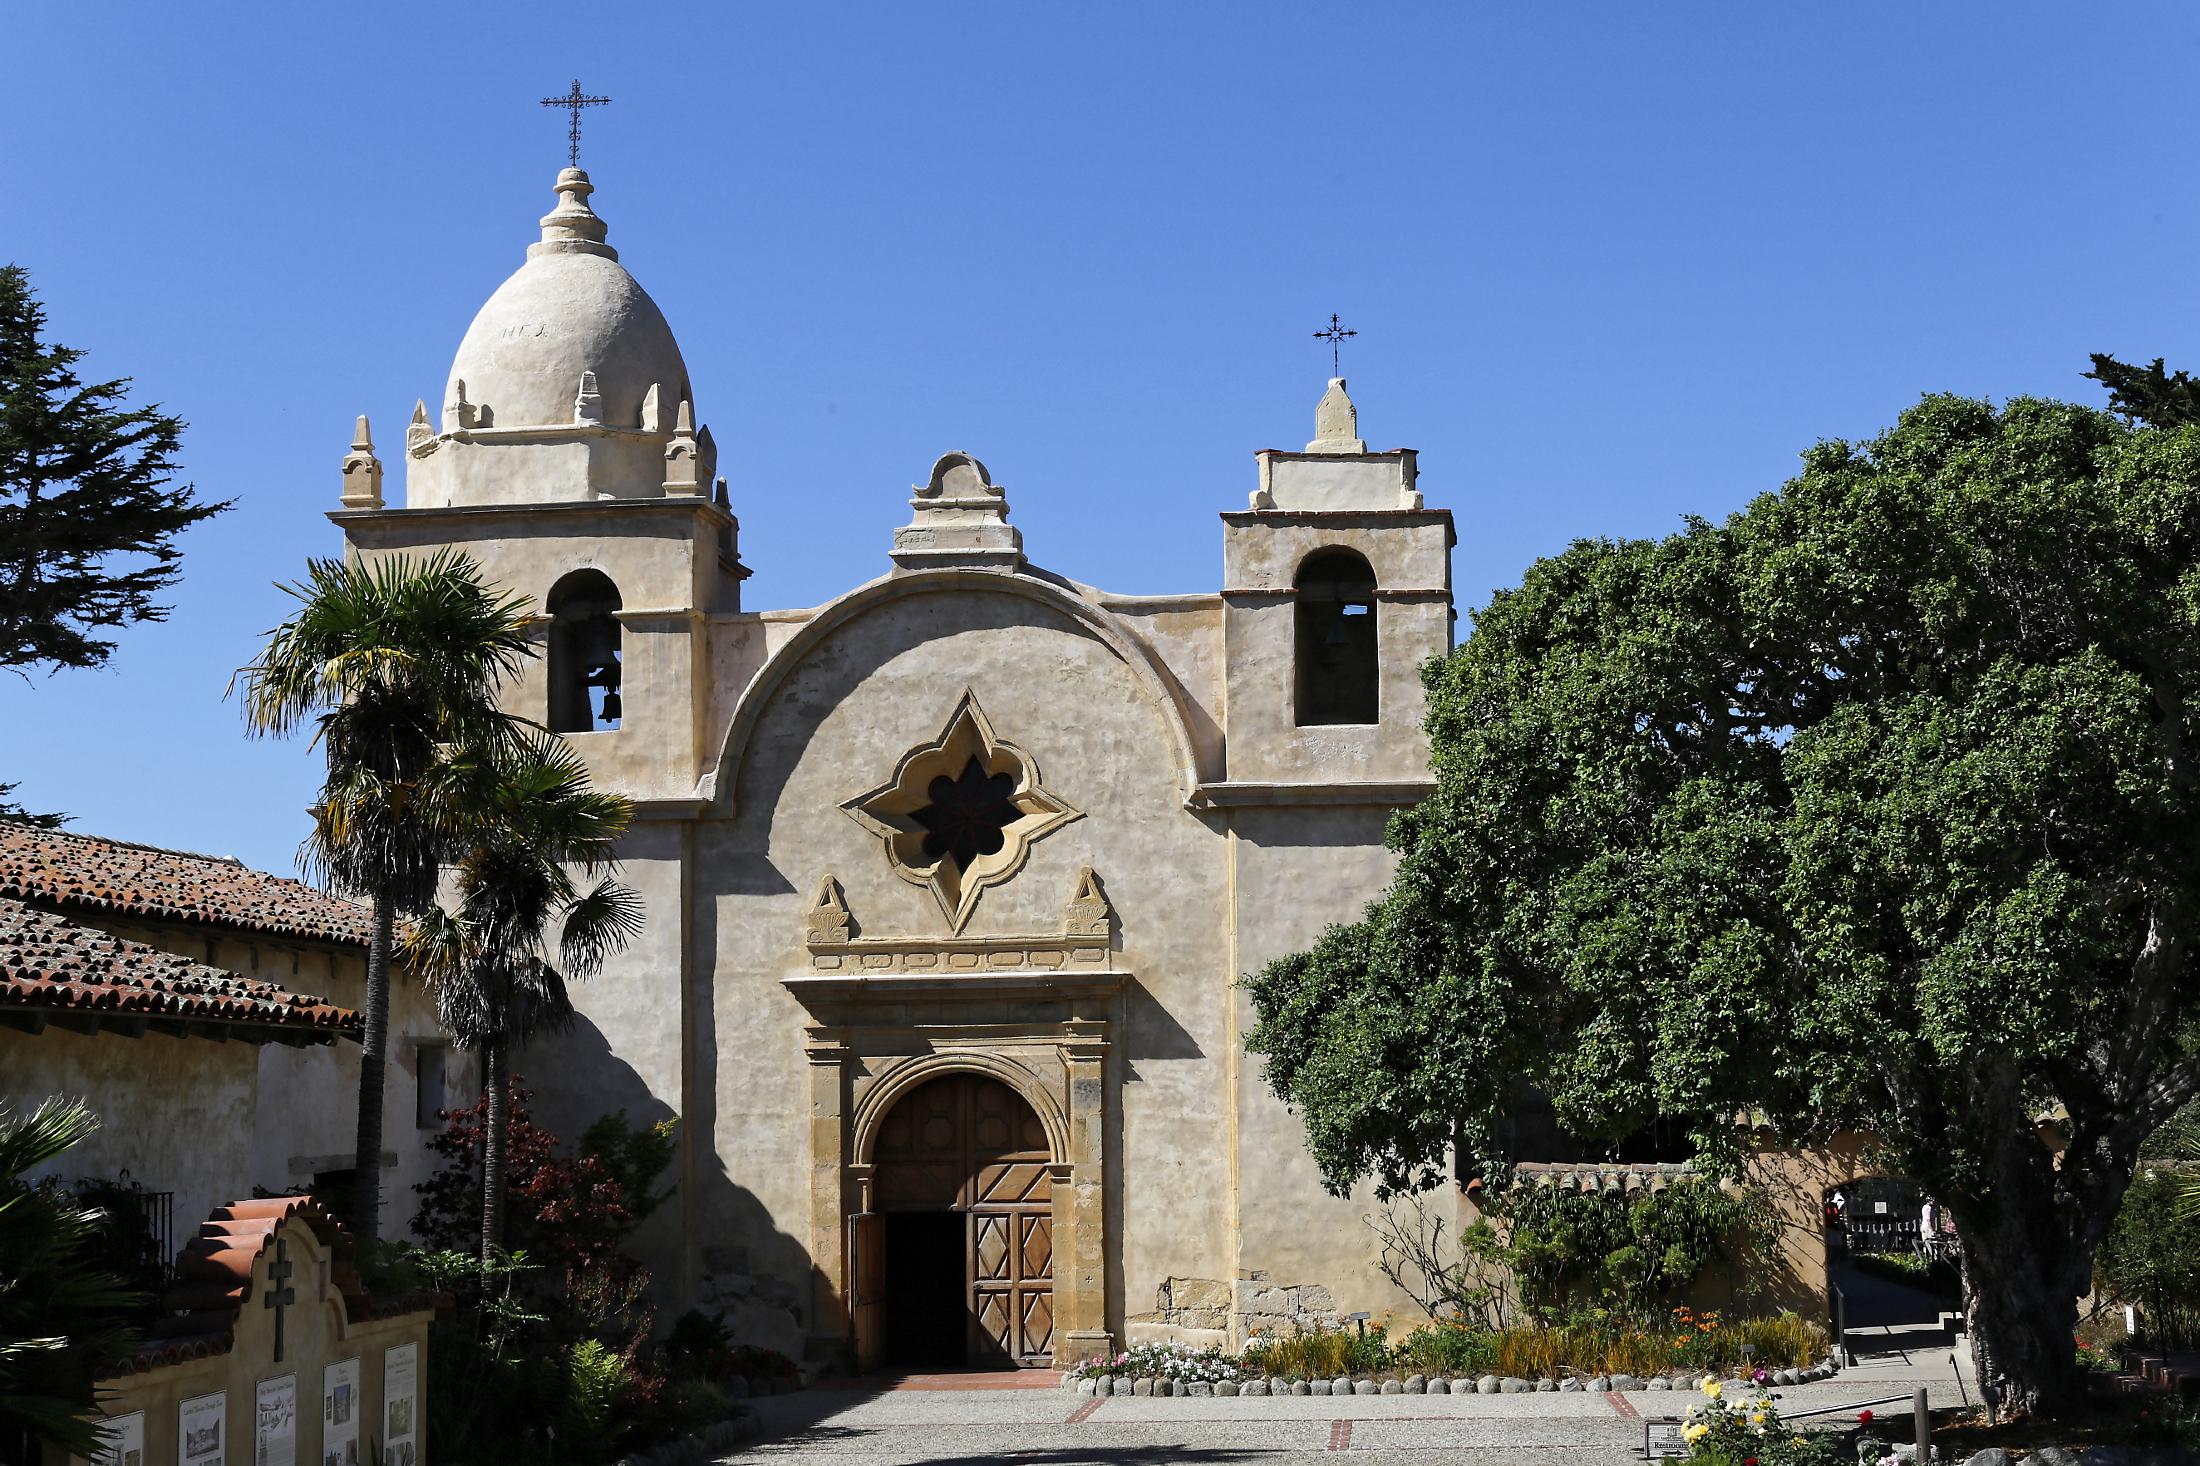 Mission San Carlos Borromeo de Carmelo - Wikipedia